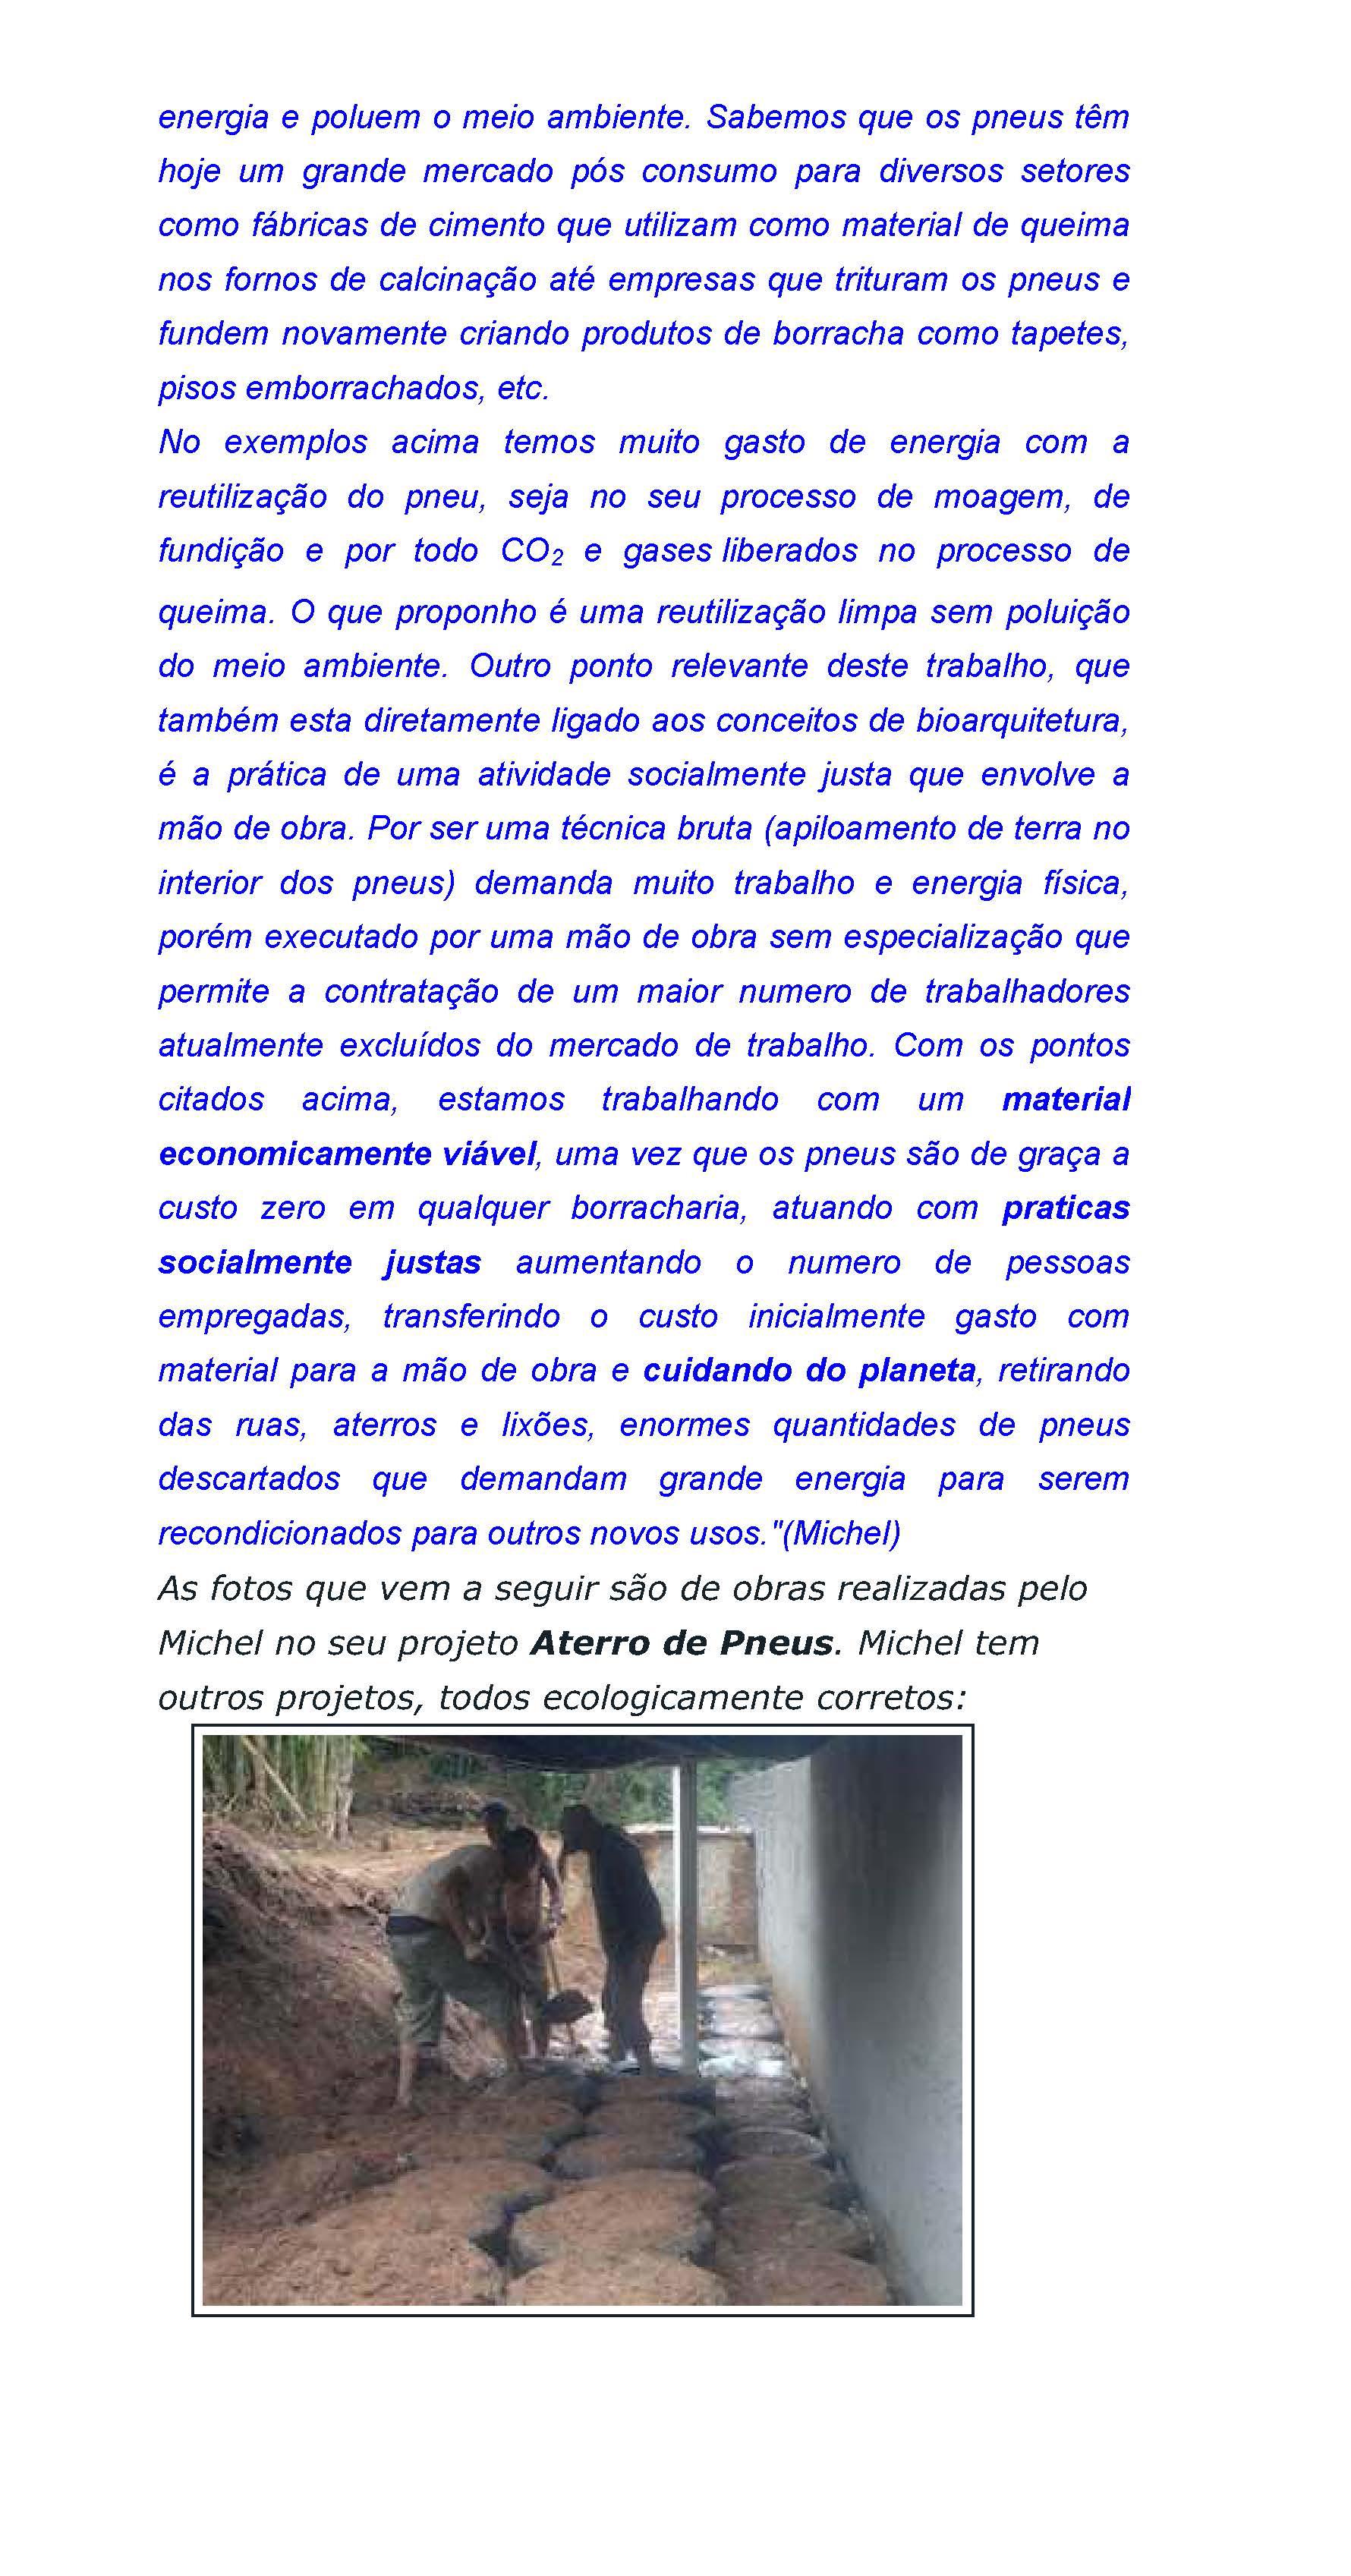 BLOG_-_Gente_que_faz_o_mundo_ficar_melhor_Página_12.jpg